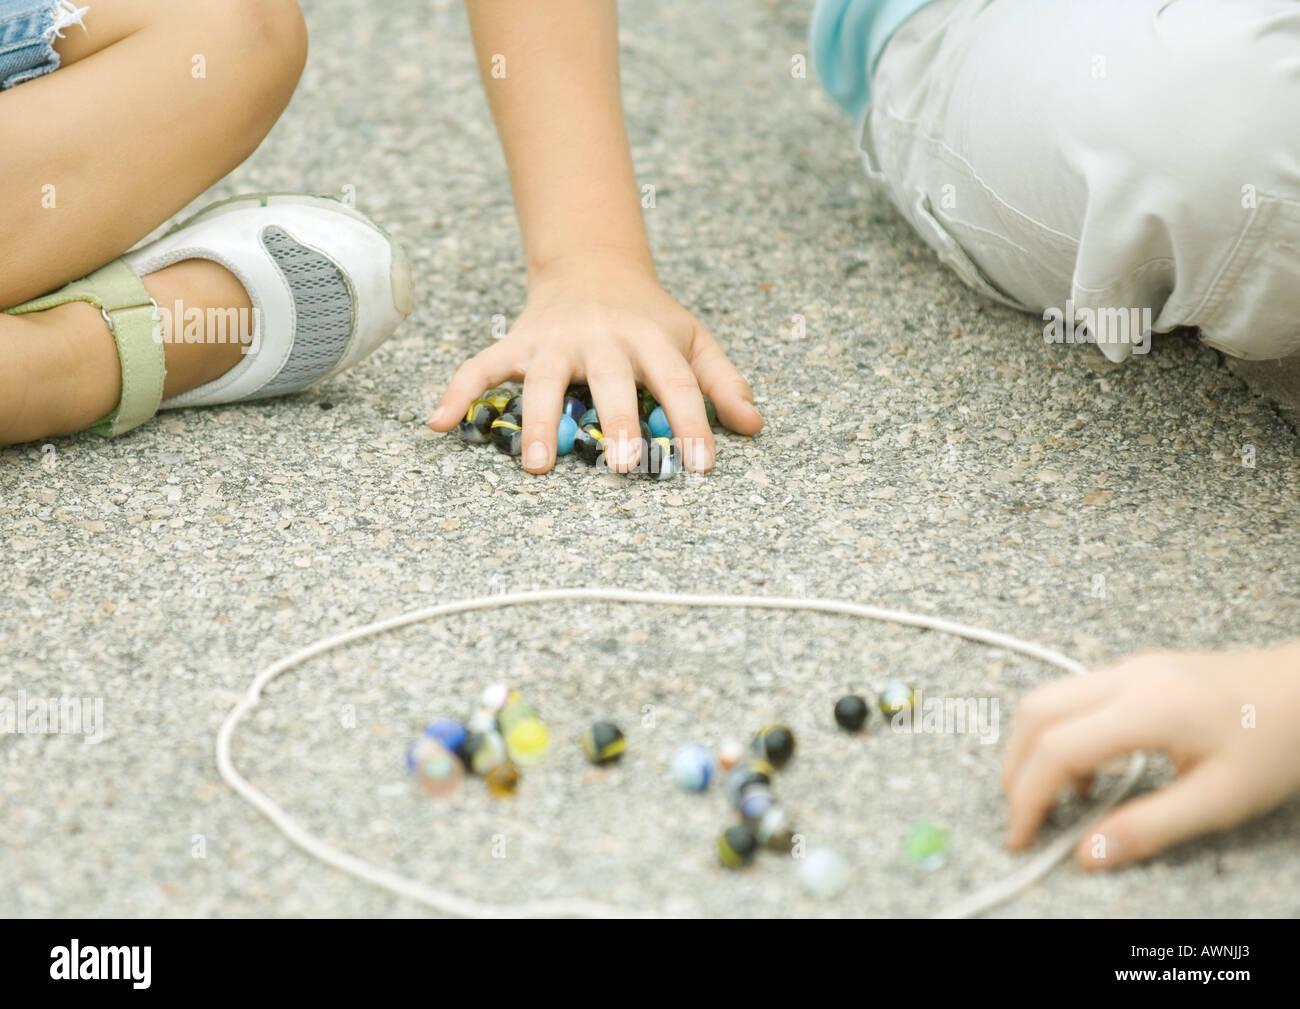 Niños Jugando A Las Canicas En Asfalto Foto Imagen De Stock